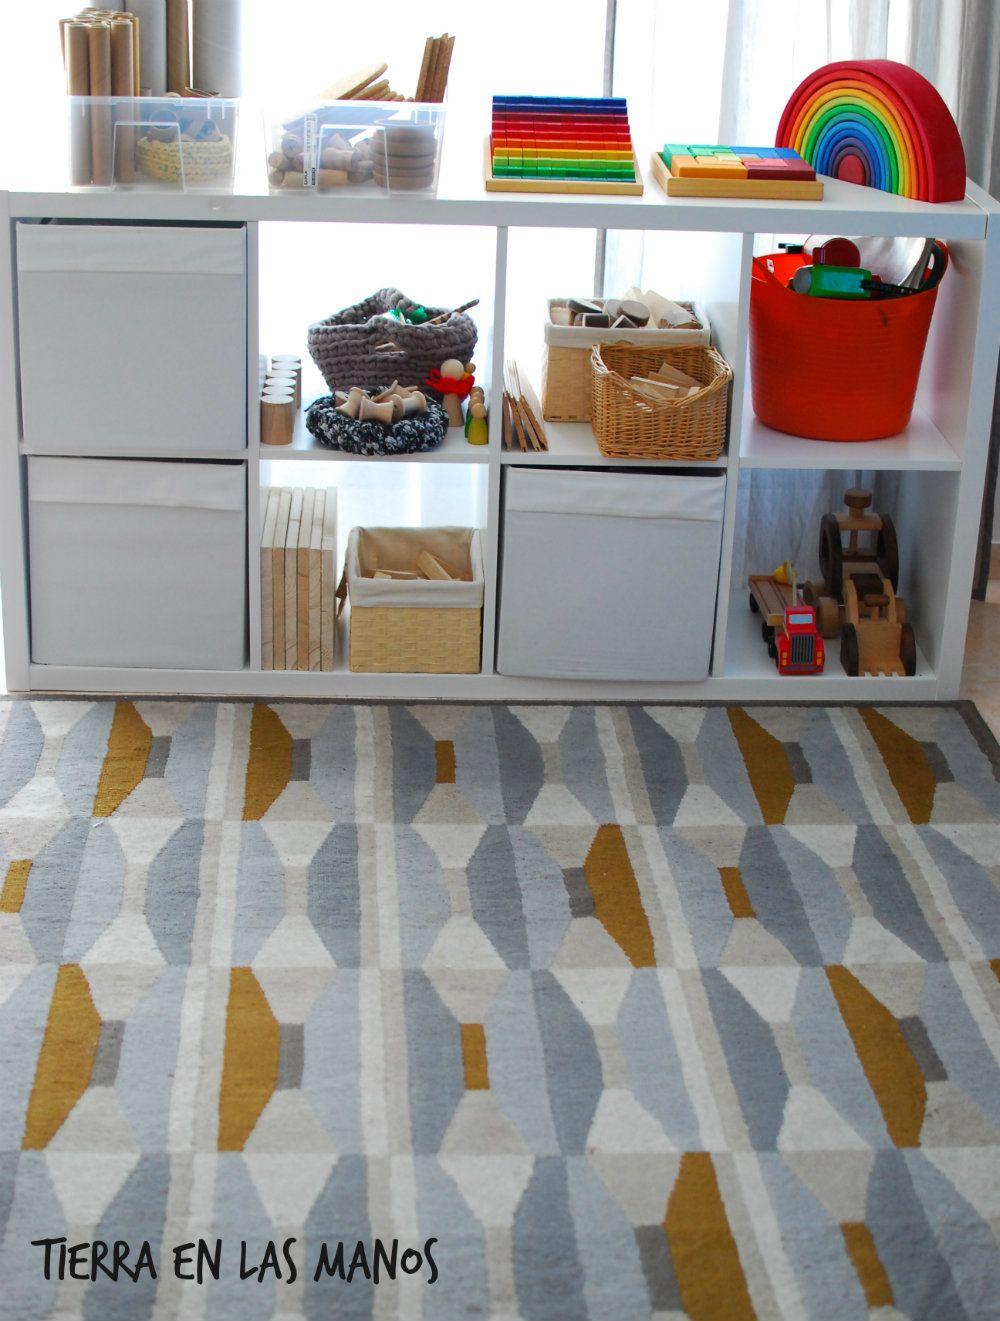 espacio-jugar-construir